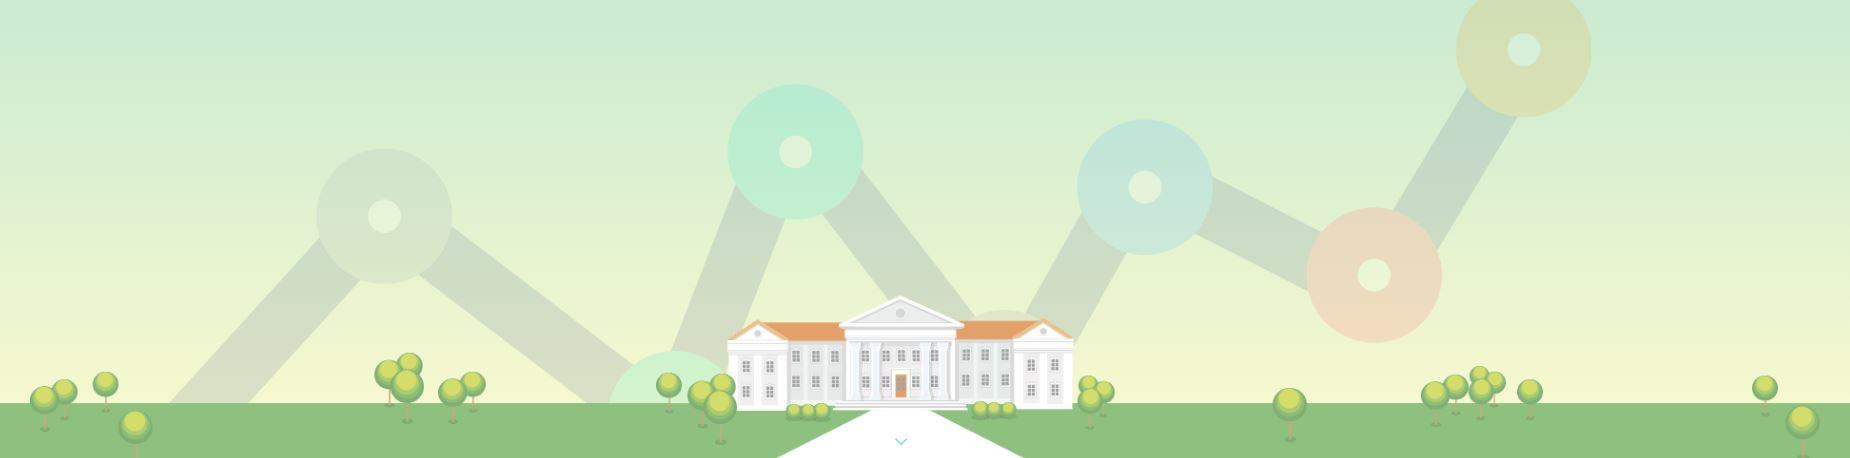 biela budova akadémie s oranžovou strechou